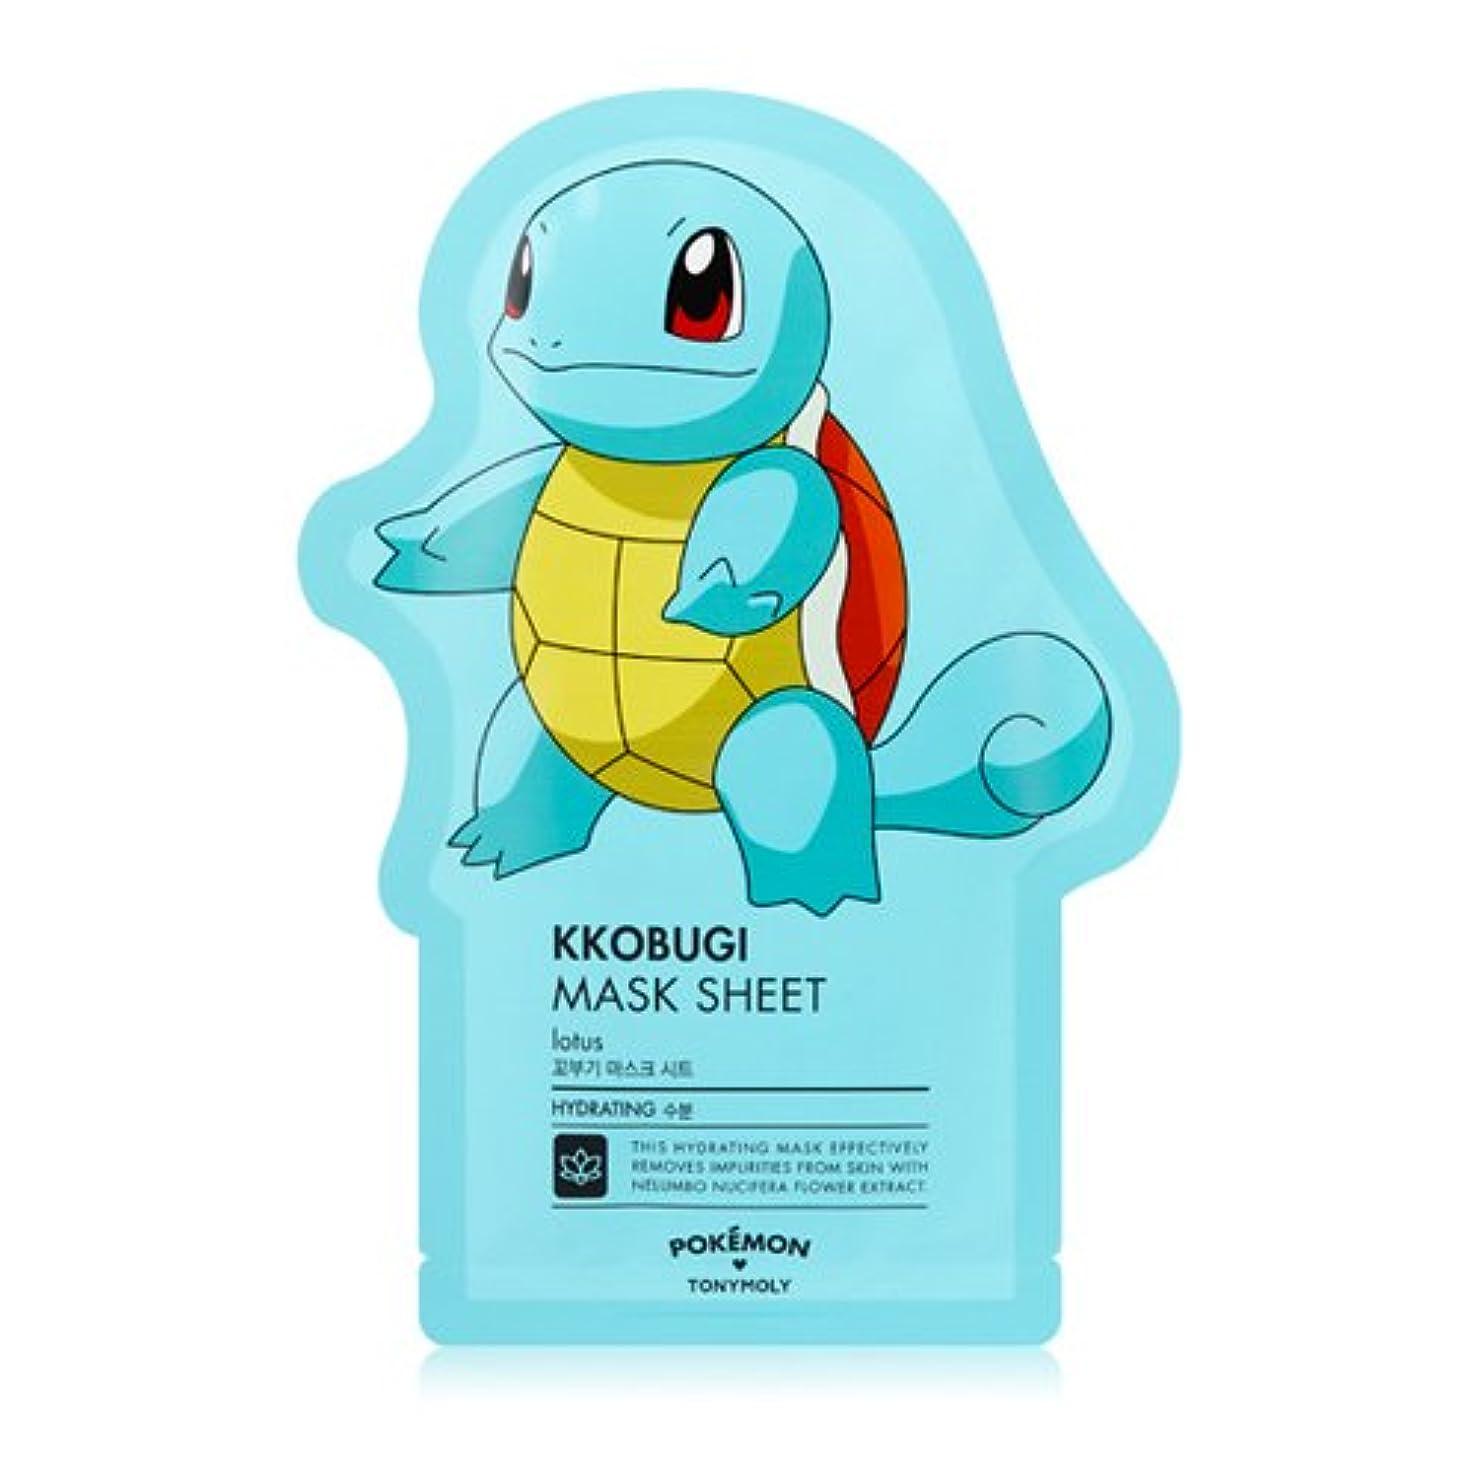 しないでくださいヒューマニスティック不良品TONYMOLY x Pokemon Squirtle/Kkobugi Mask Sheet (並行輸入品)